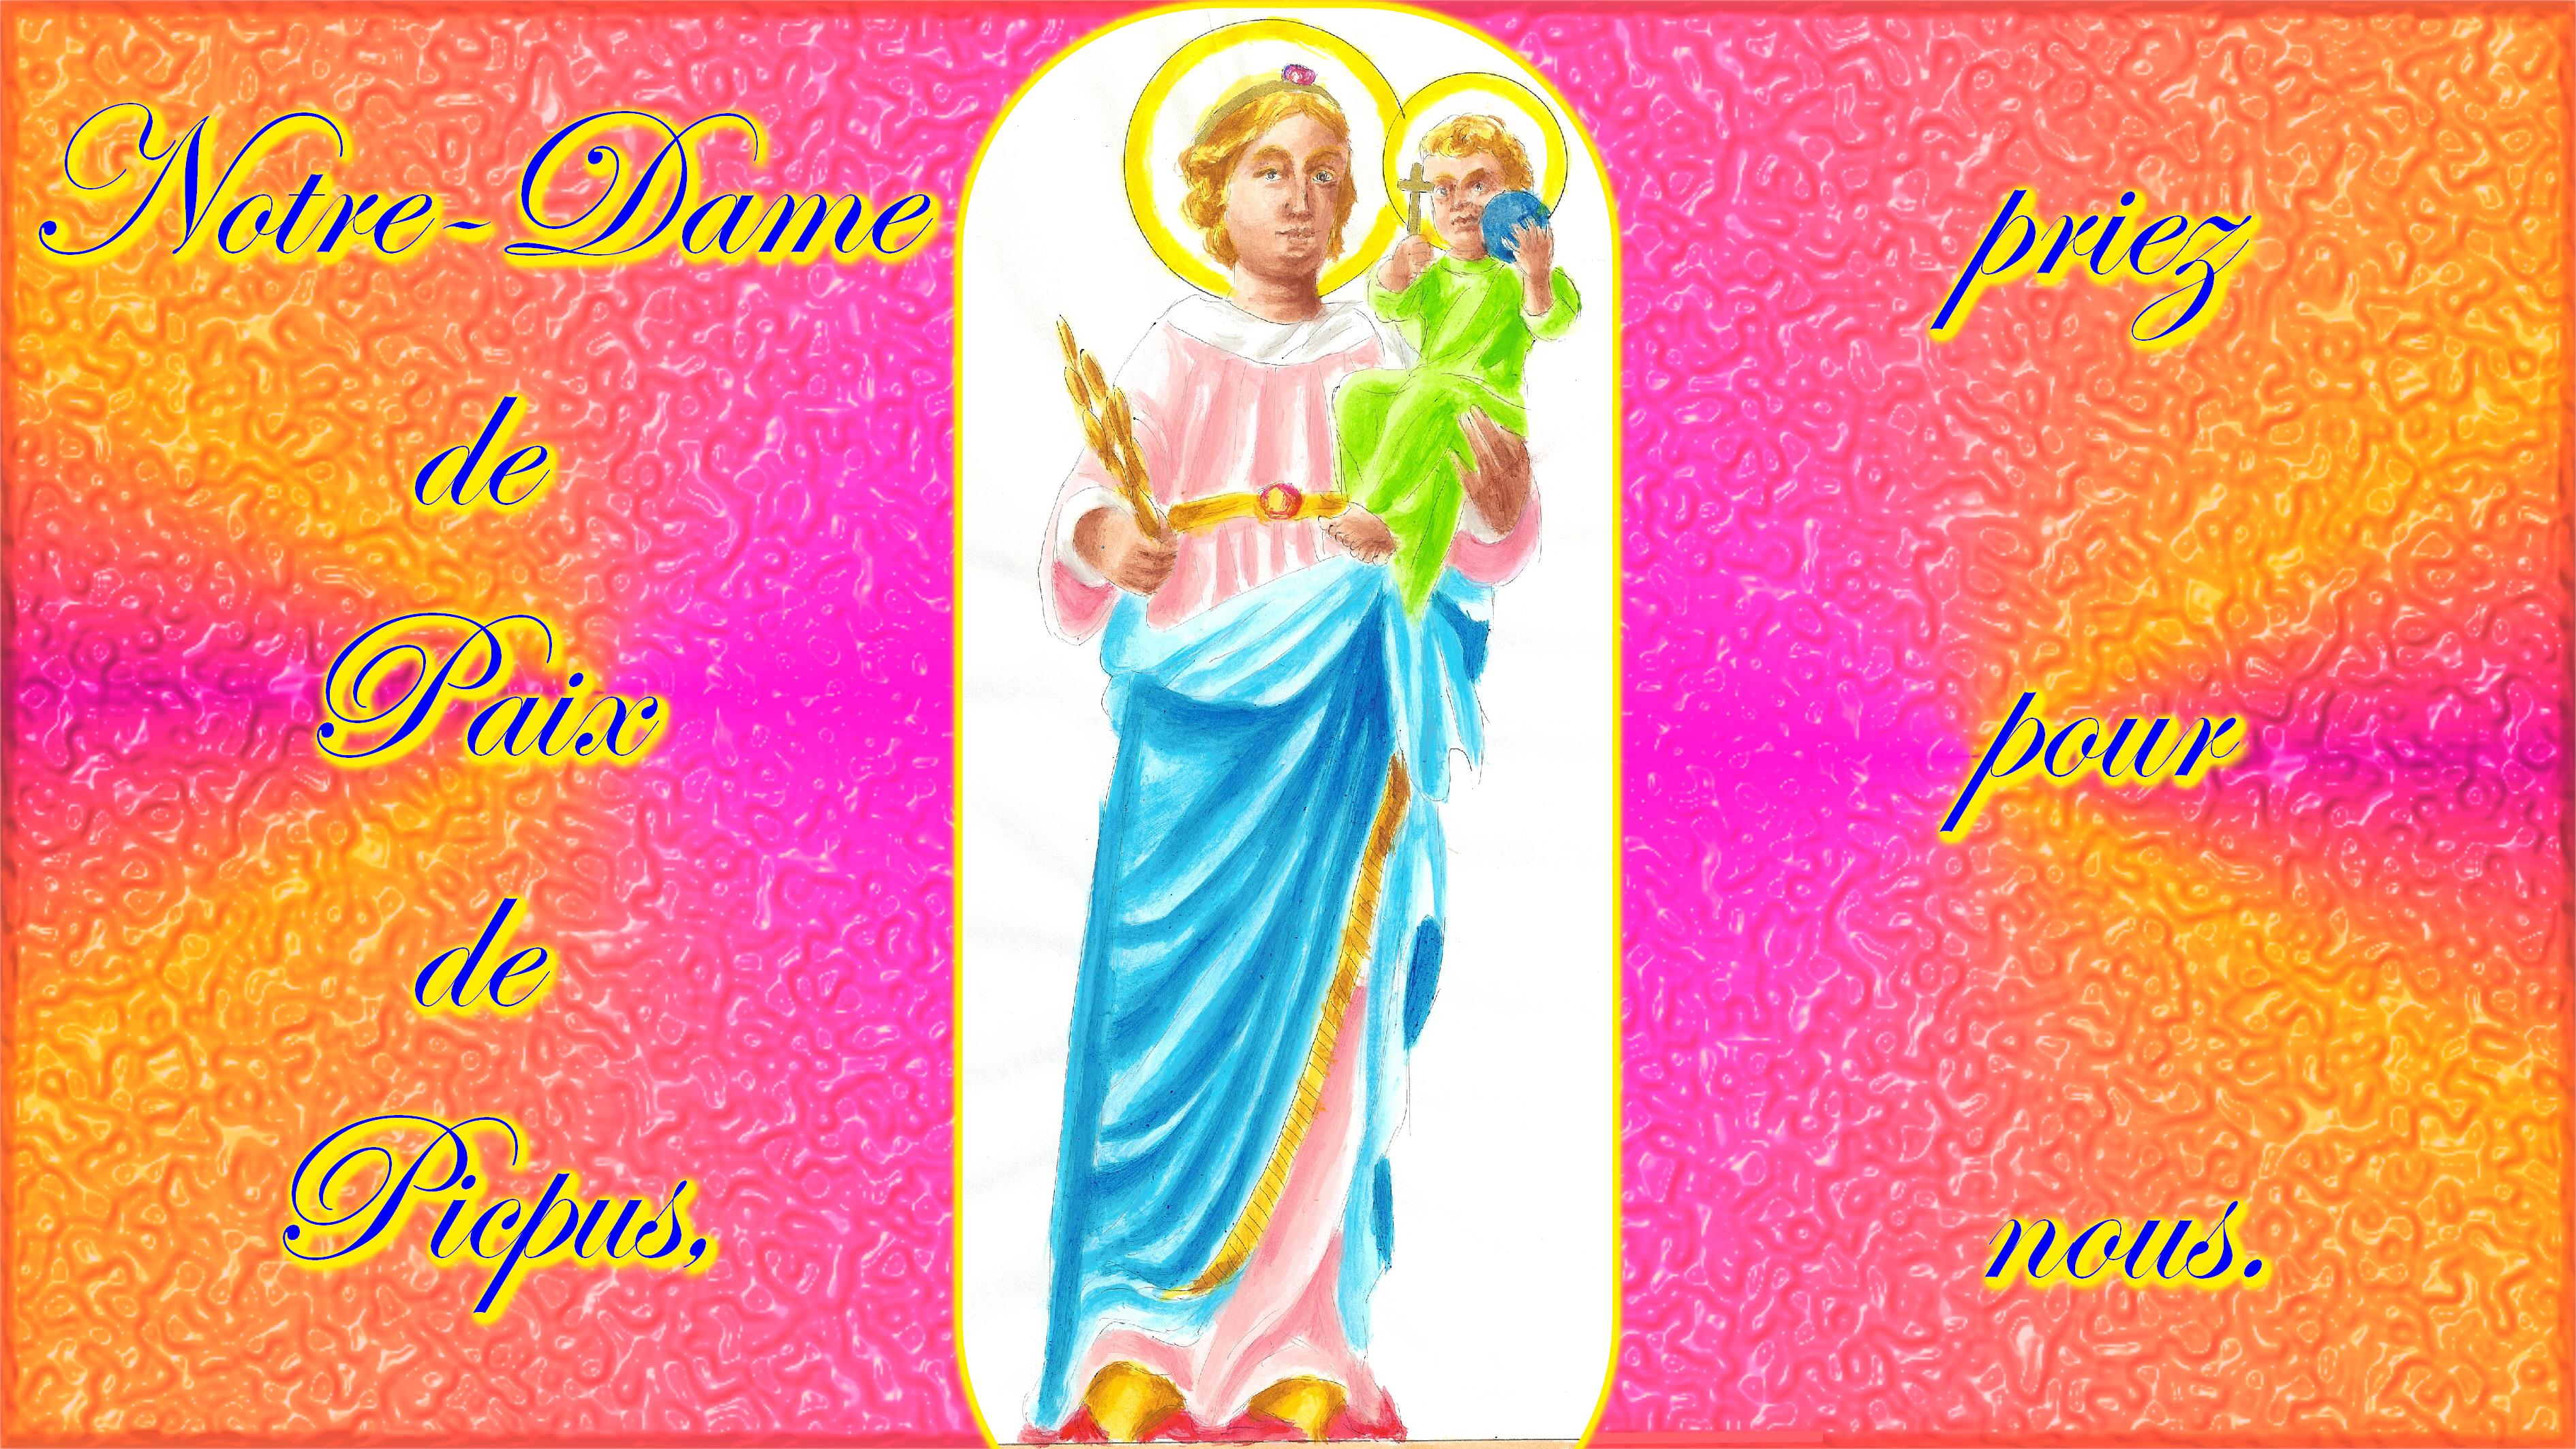 CALENDRIER CATHOLIQUE 2020 (Cantiques, Prières & Images) - Page 20 Notre-dame-de-paix-de-picpus-565bd29